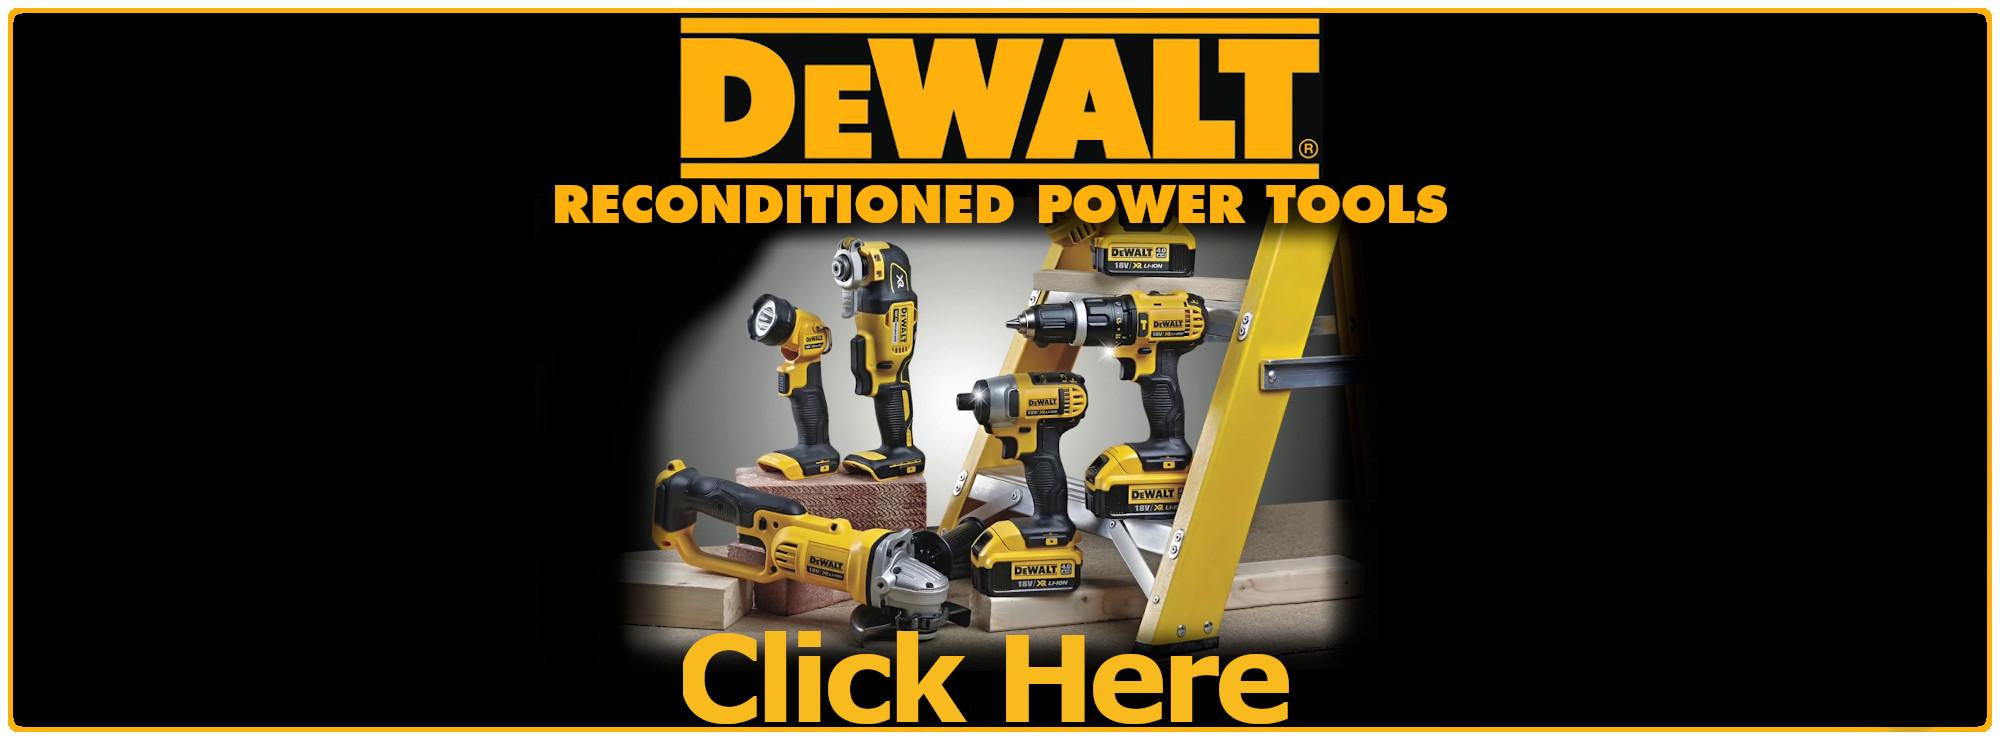 DeWalt Reconditioned